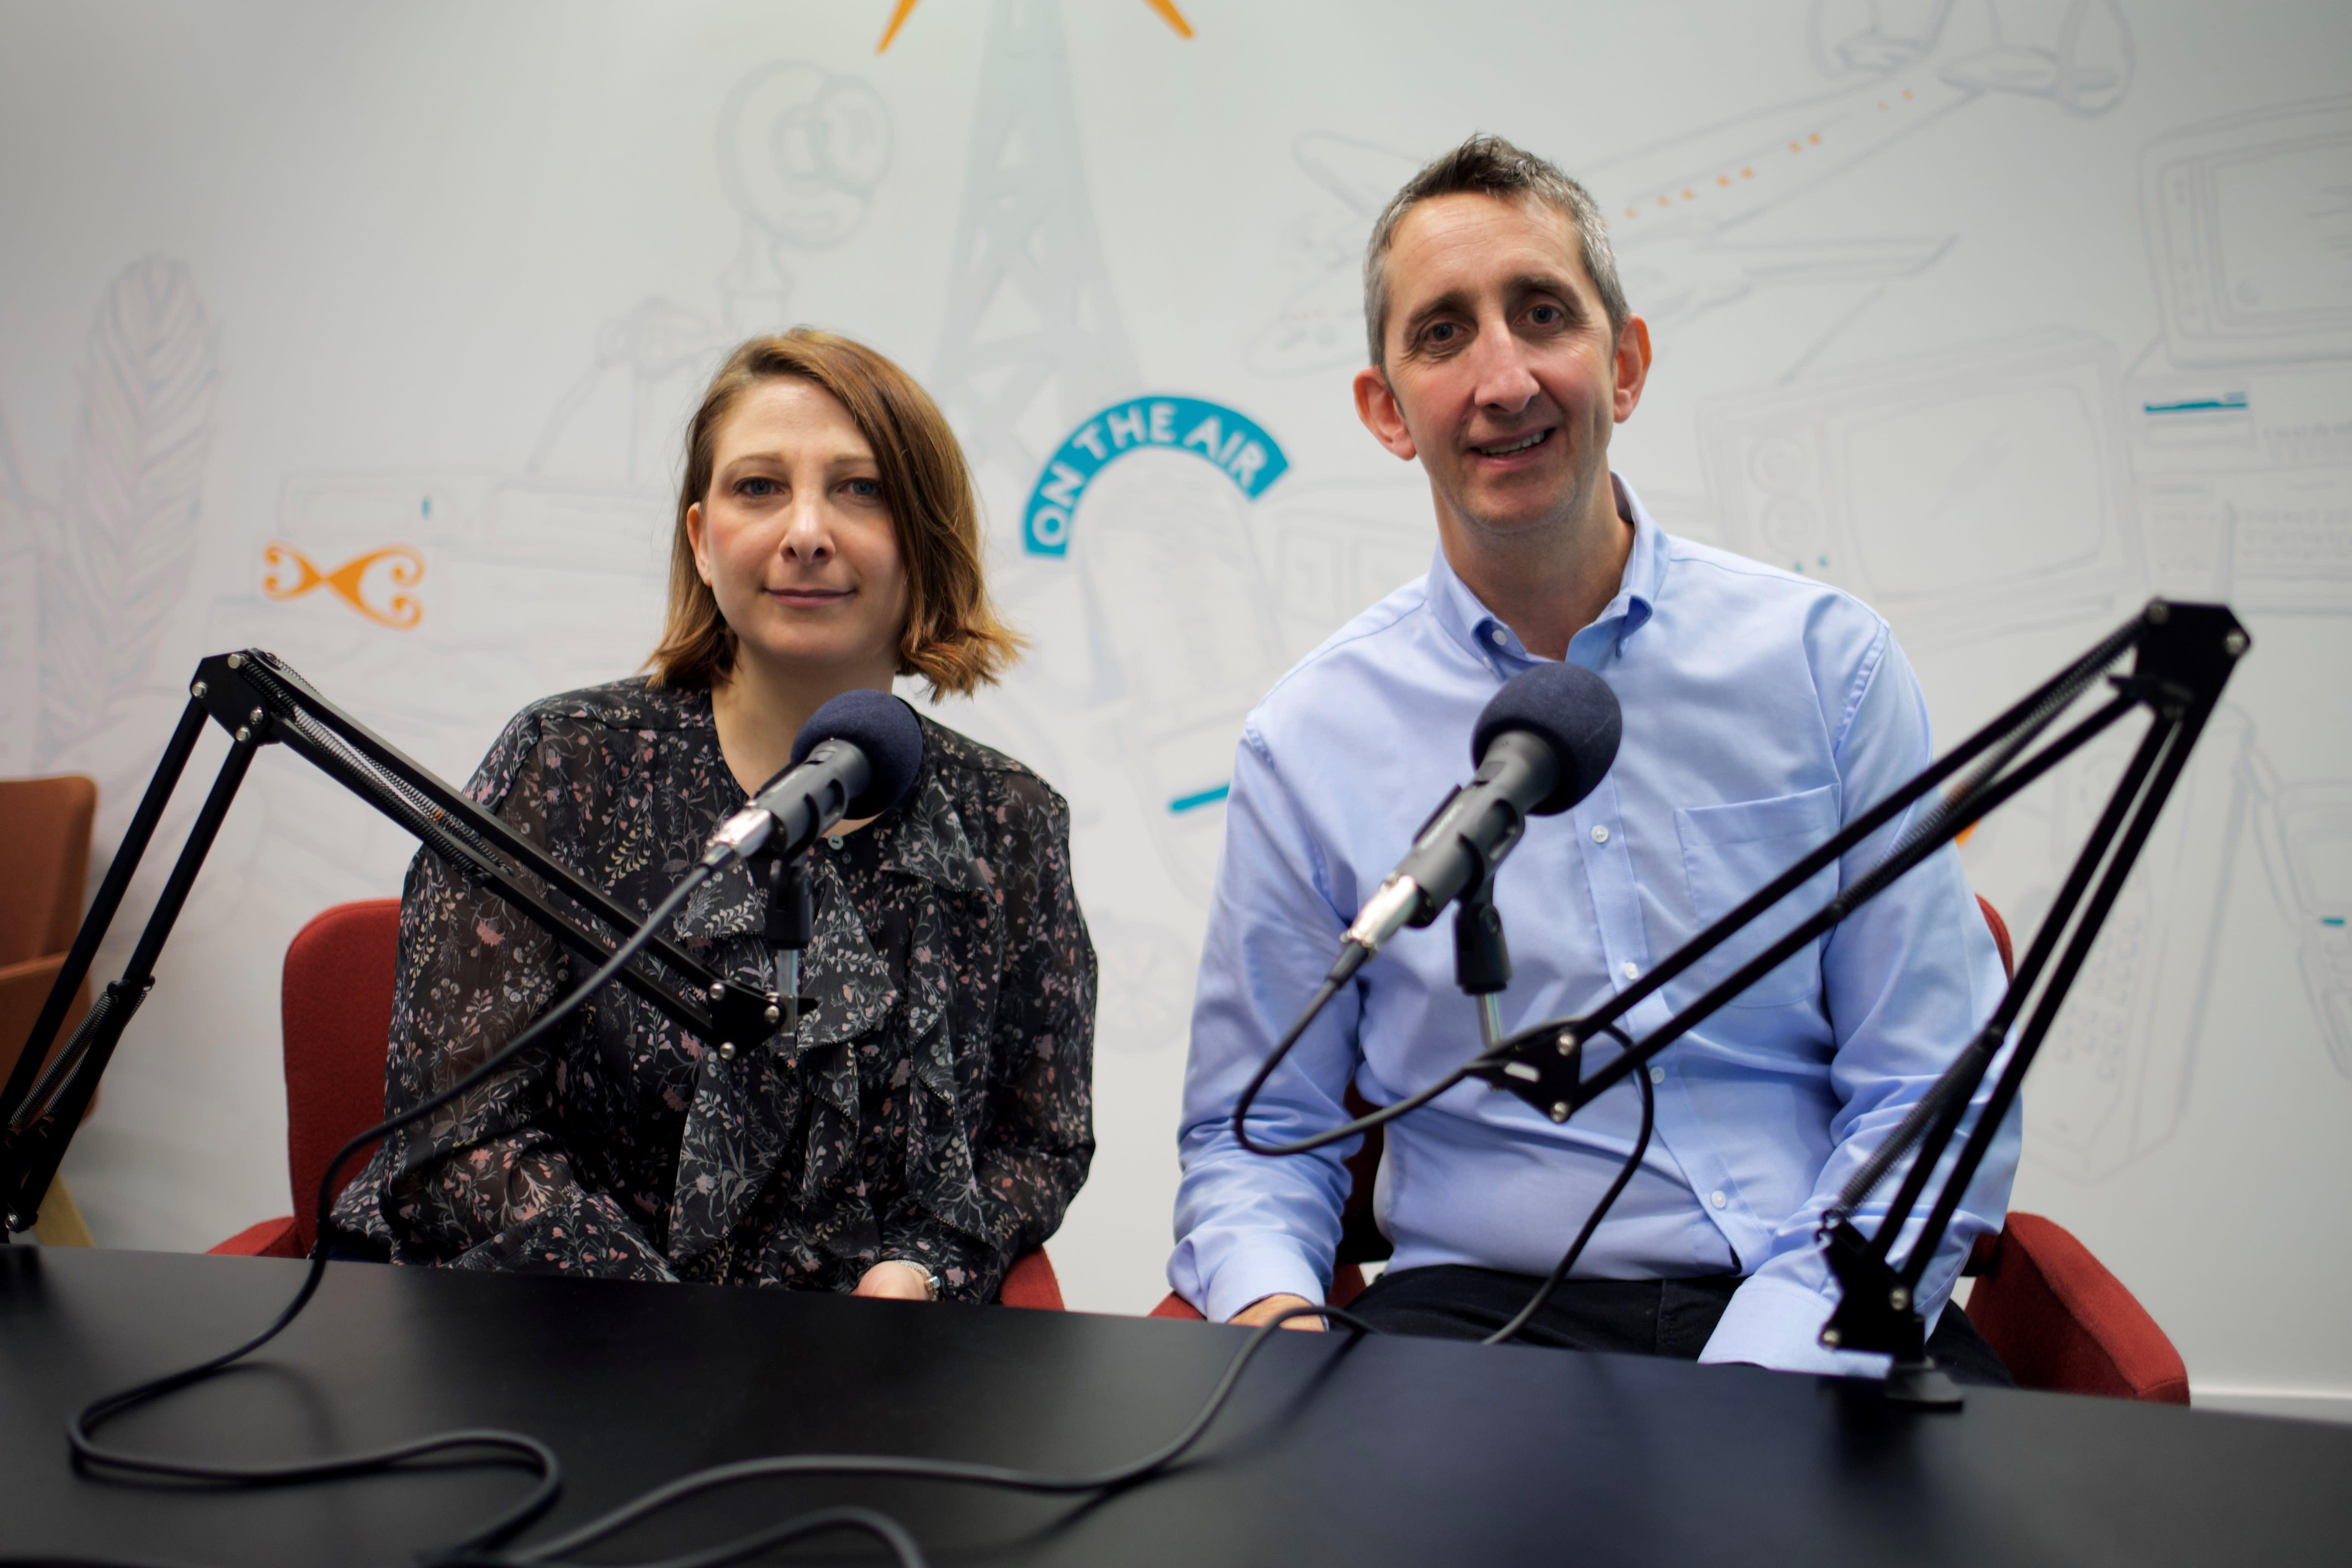 Awin Talks: Época de pico no setor de viagens e discussão do novo Publisher Board